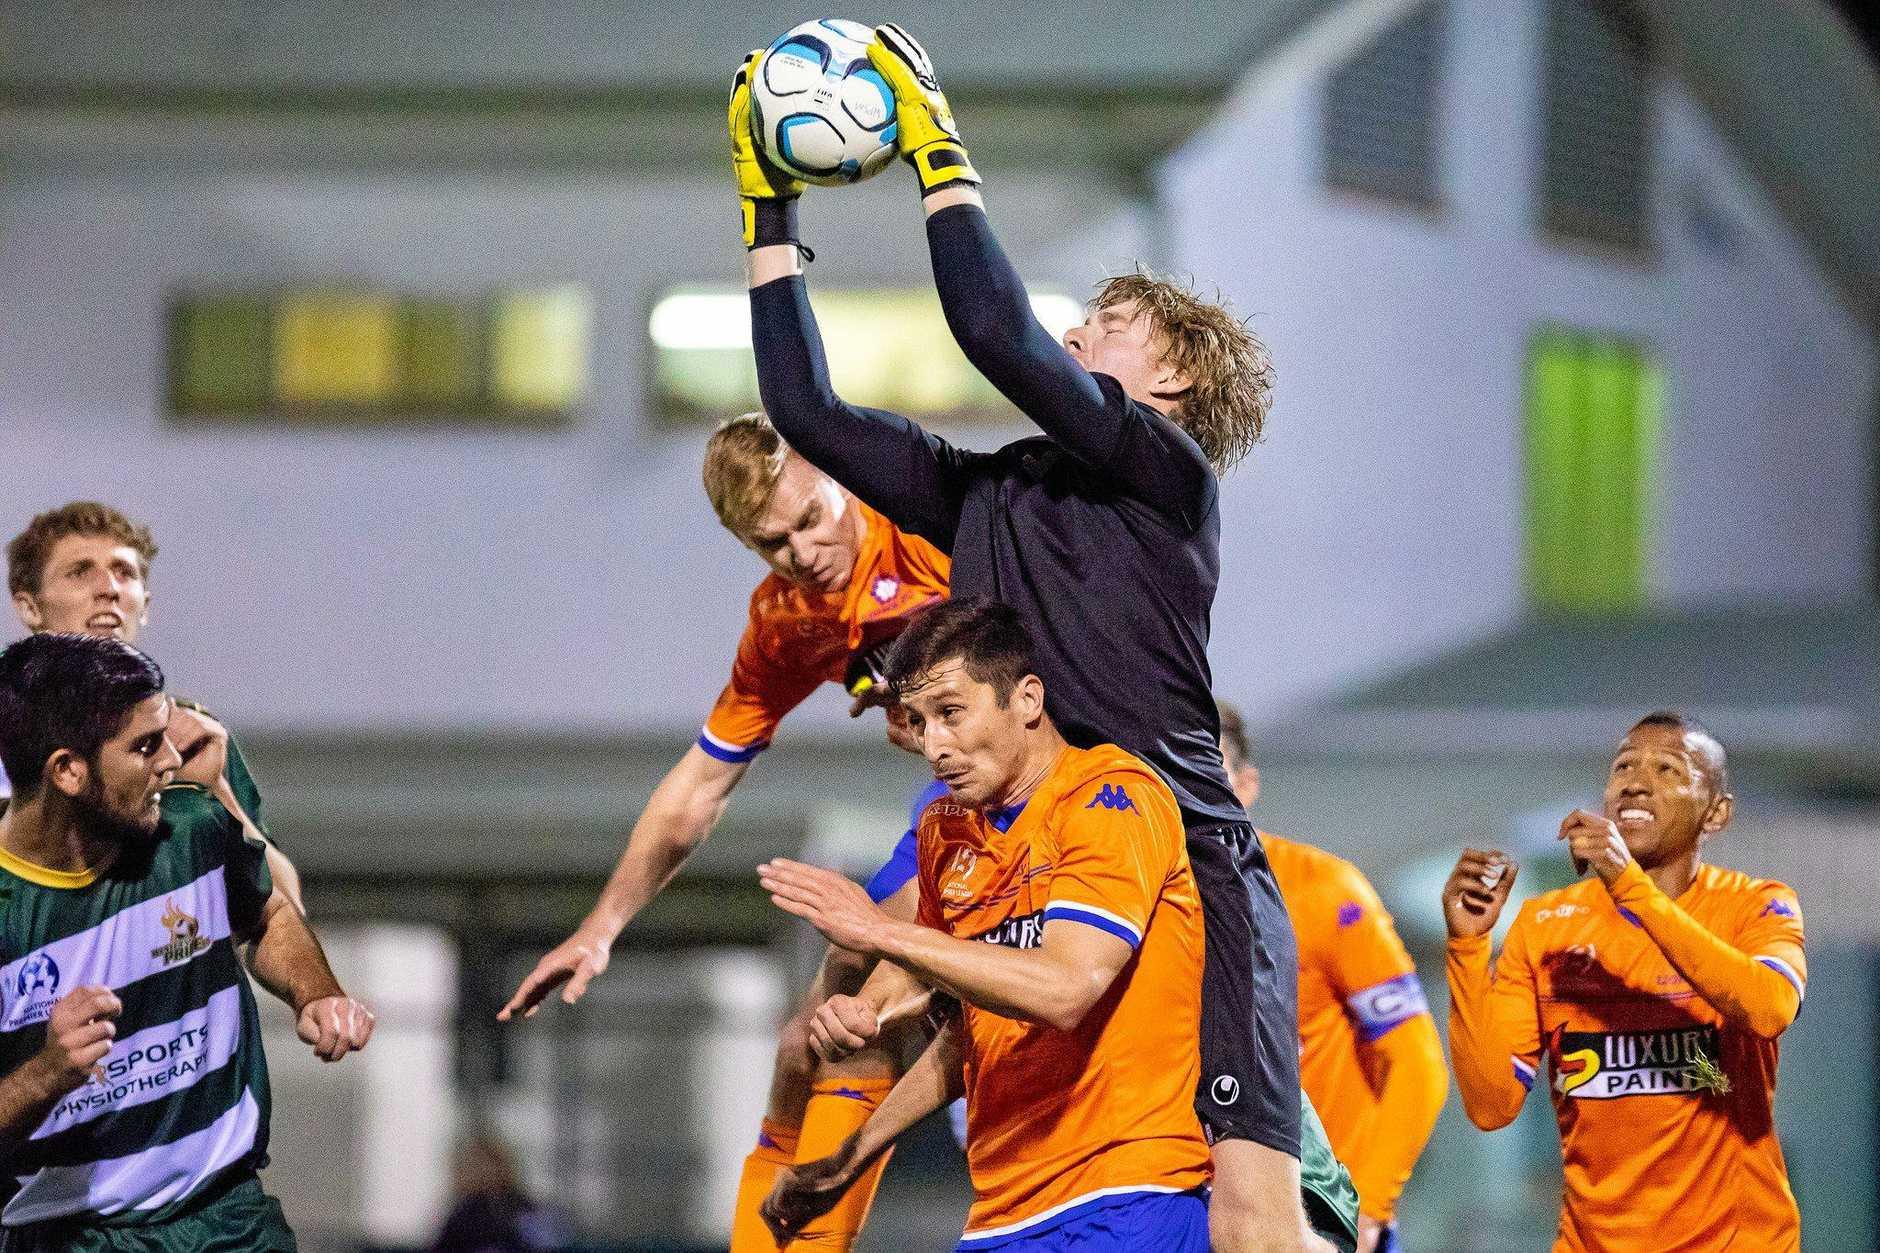 """Résultat de recherche d'images pour """"Show Your Soccer Pride"""""""